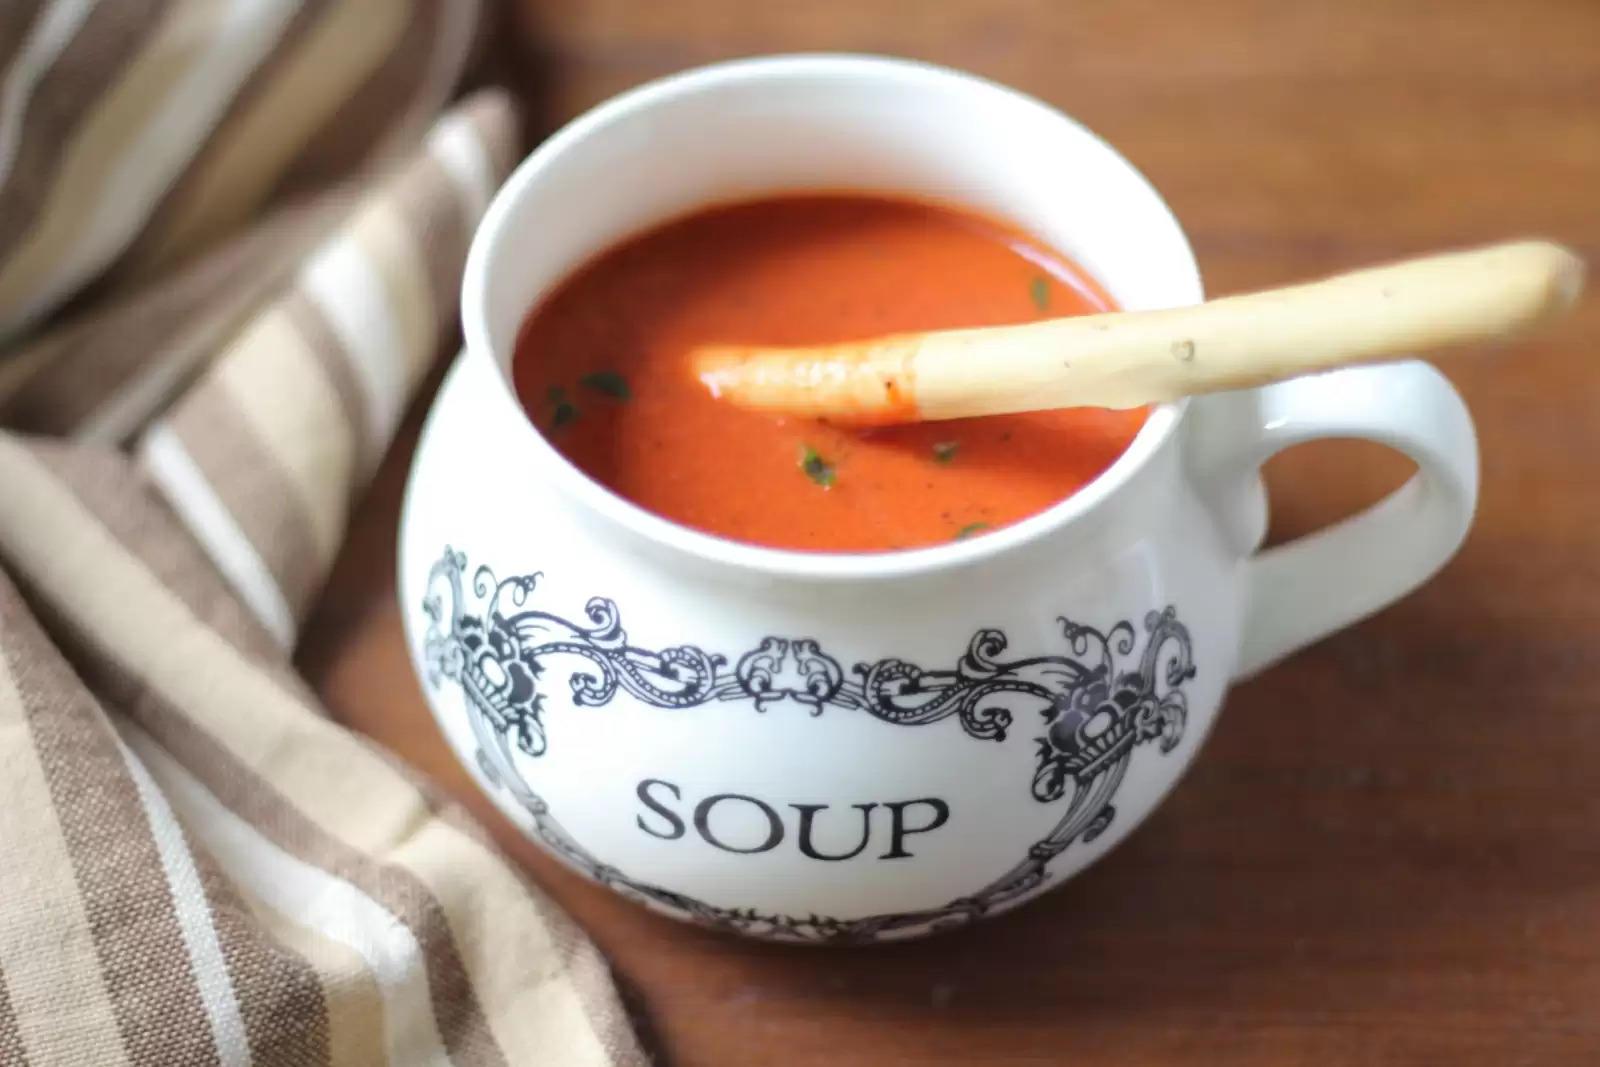 बारीश में लें गर्मा-गर्म टोमैटो सूप पीने का मजा, जानिए बनाने का तरीका